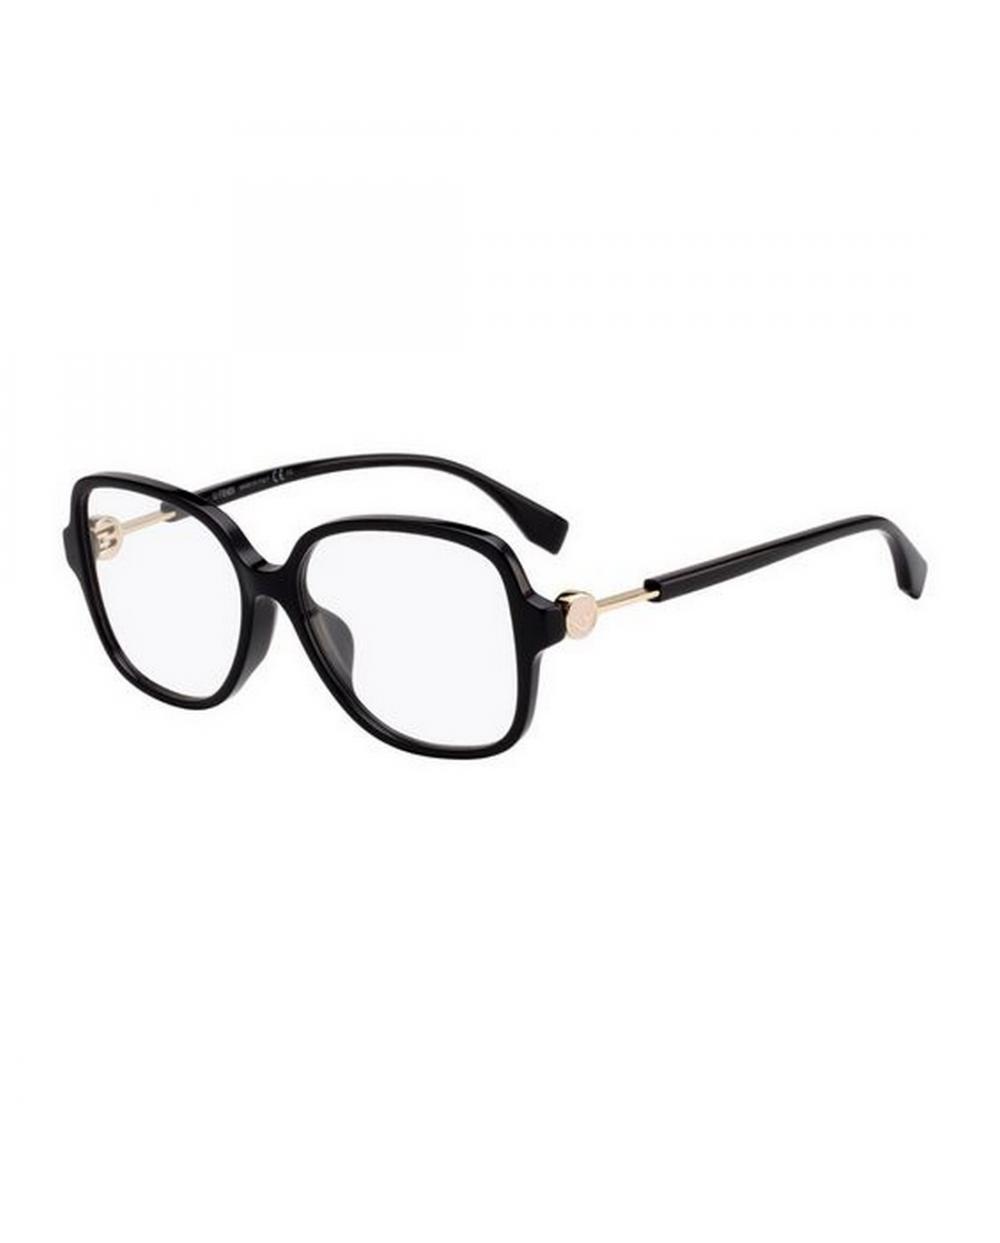 Brille von vista Fendi originalverpackung garantie Italien